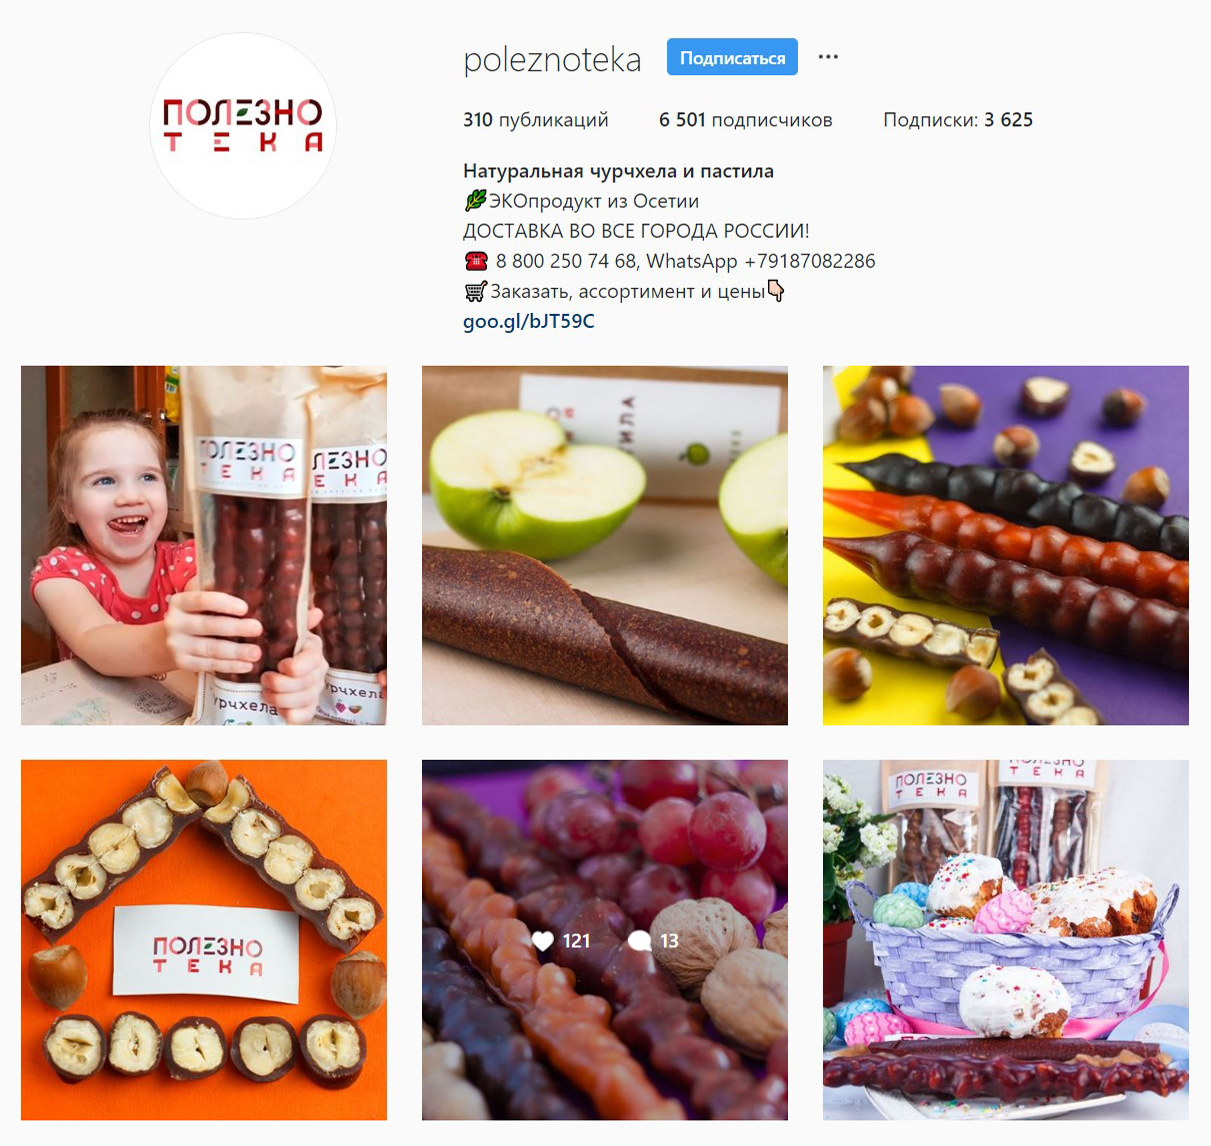 Ведение аккаунта Instagram - чурчхела и пастила